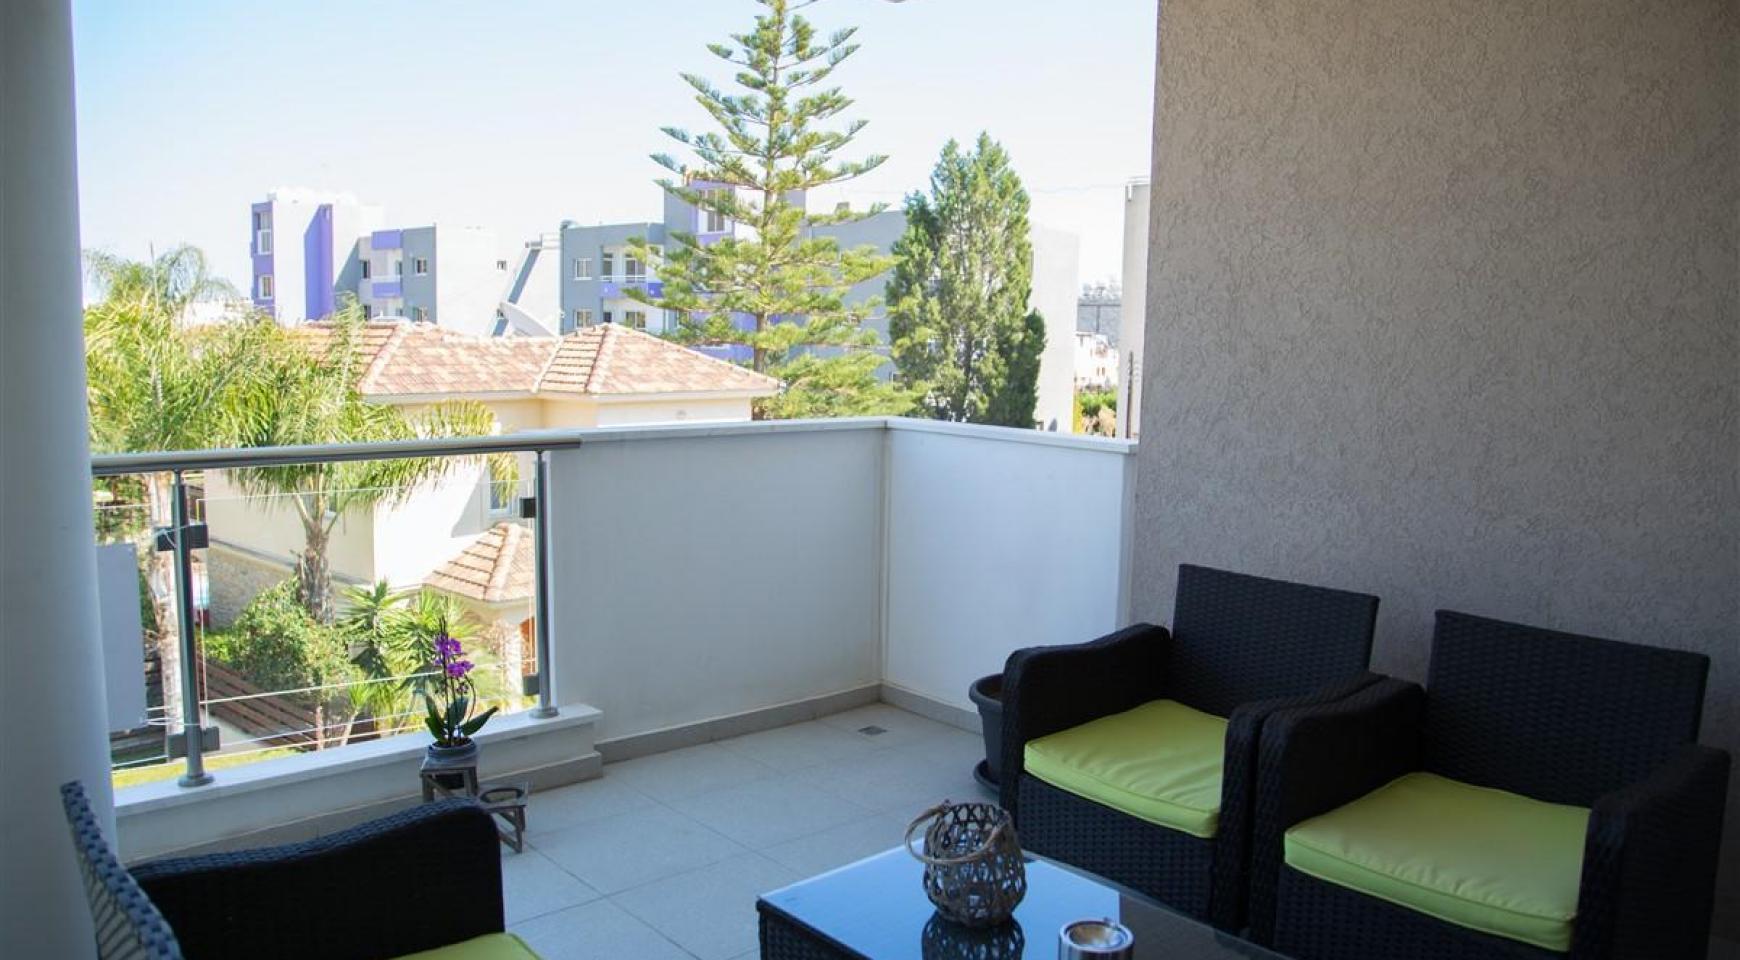 Μοντέρνο διαμέρισμα 2 υπνοδωματίων στην περιοχή Ποταμός Γερμασόγειας - 19